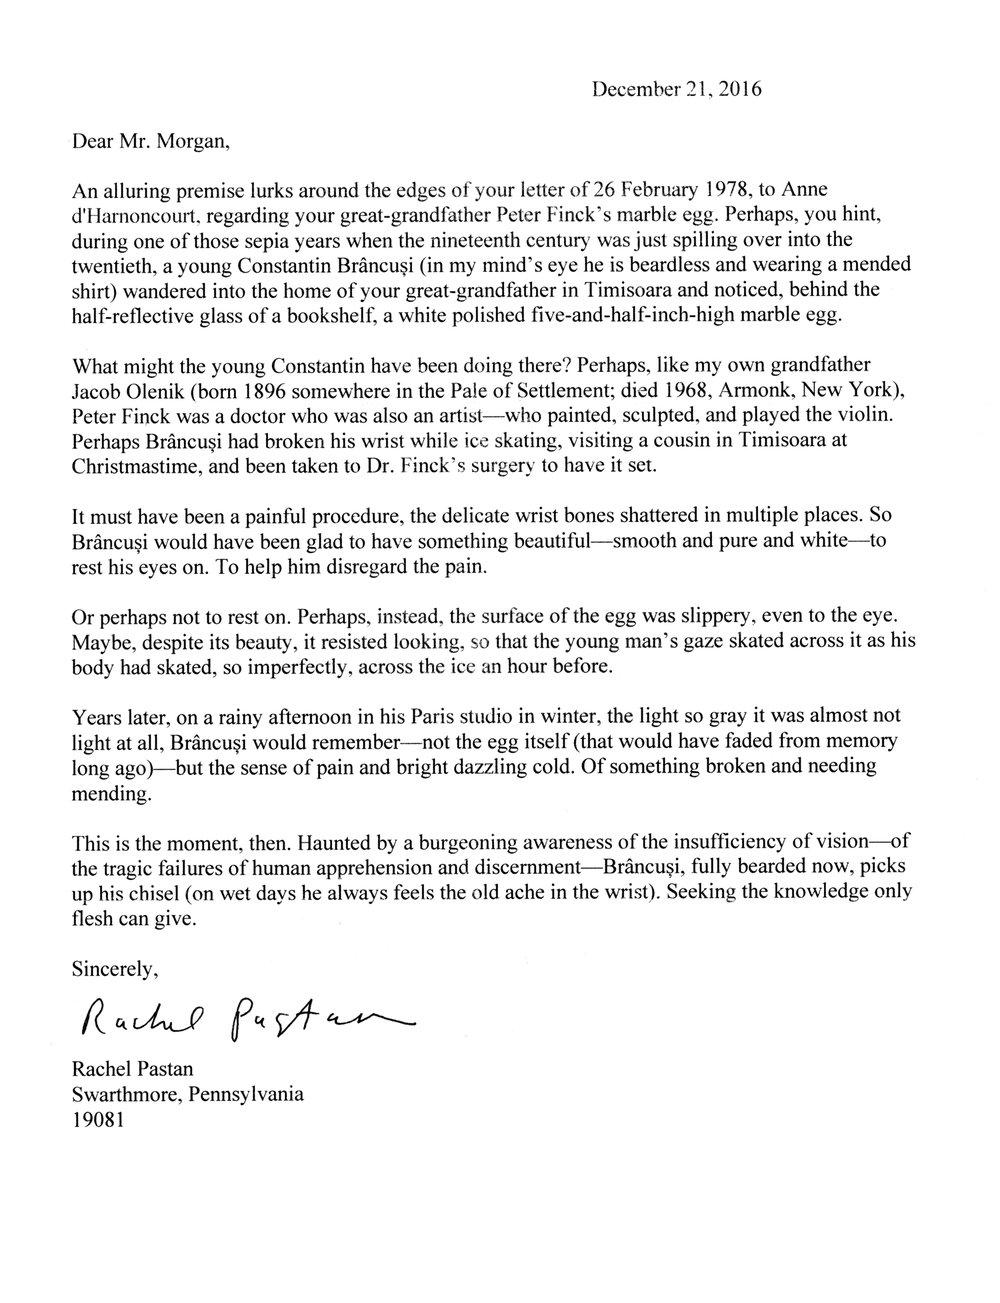 Letter from writer, Rachel Pastan